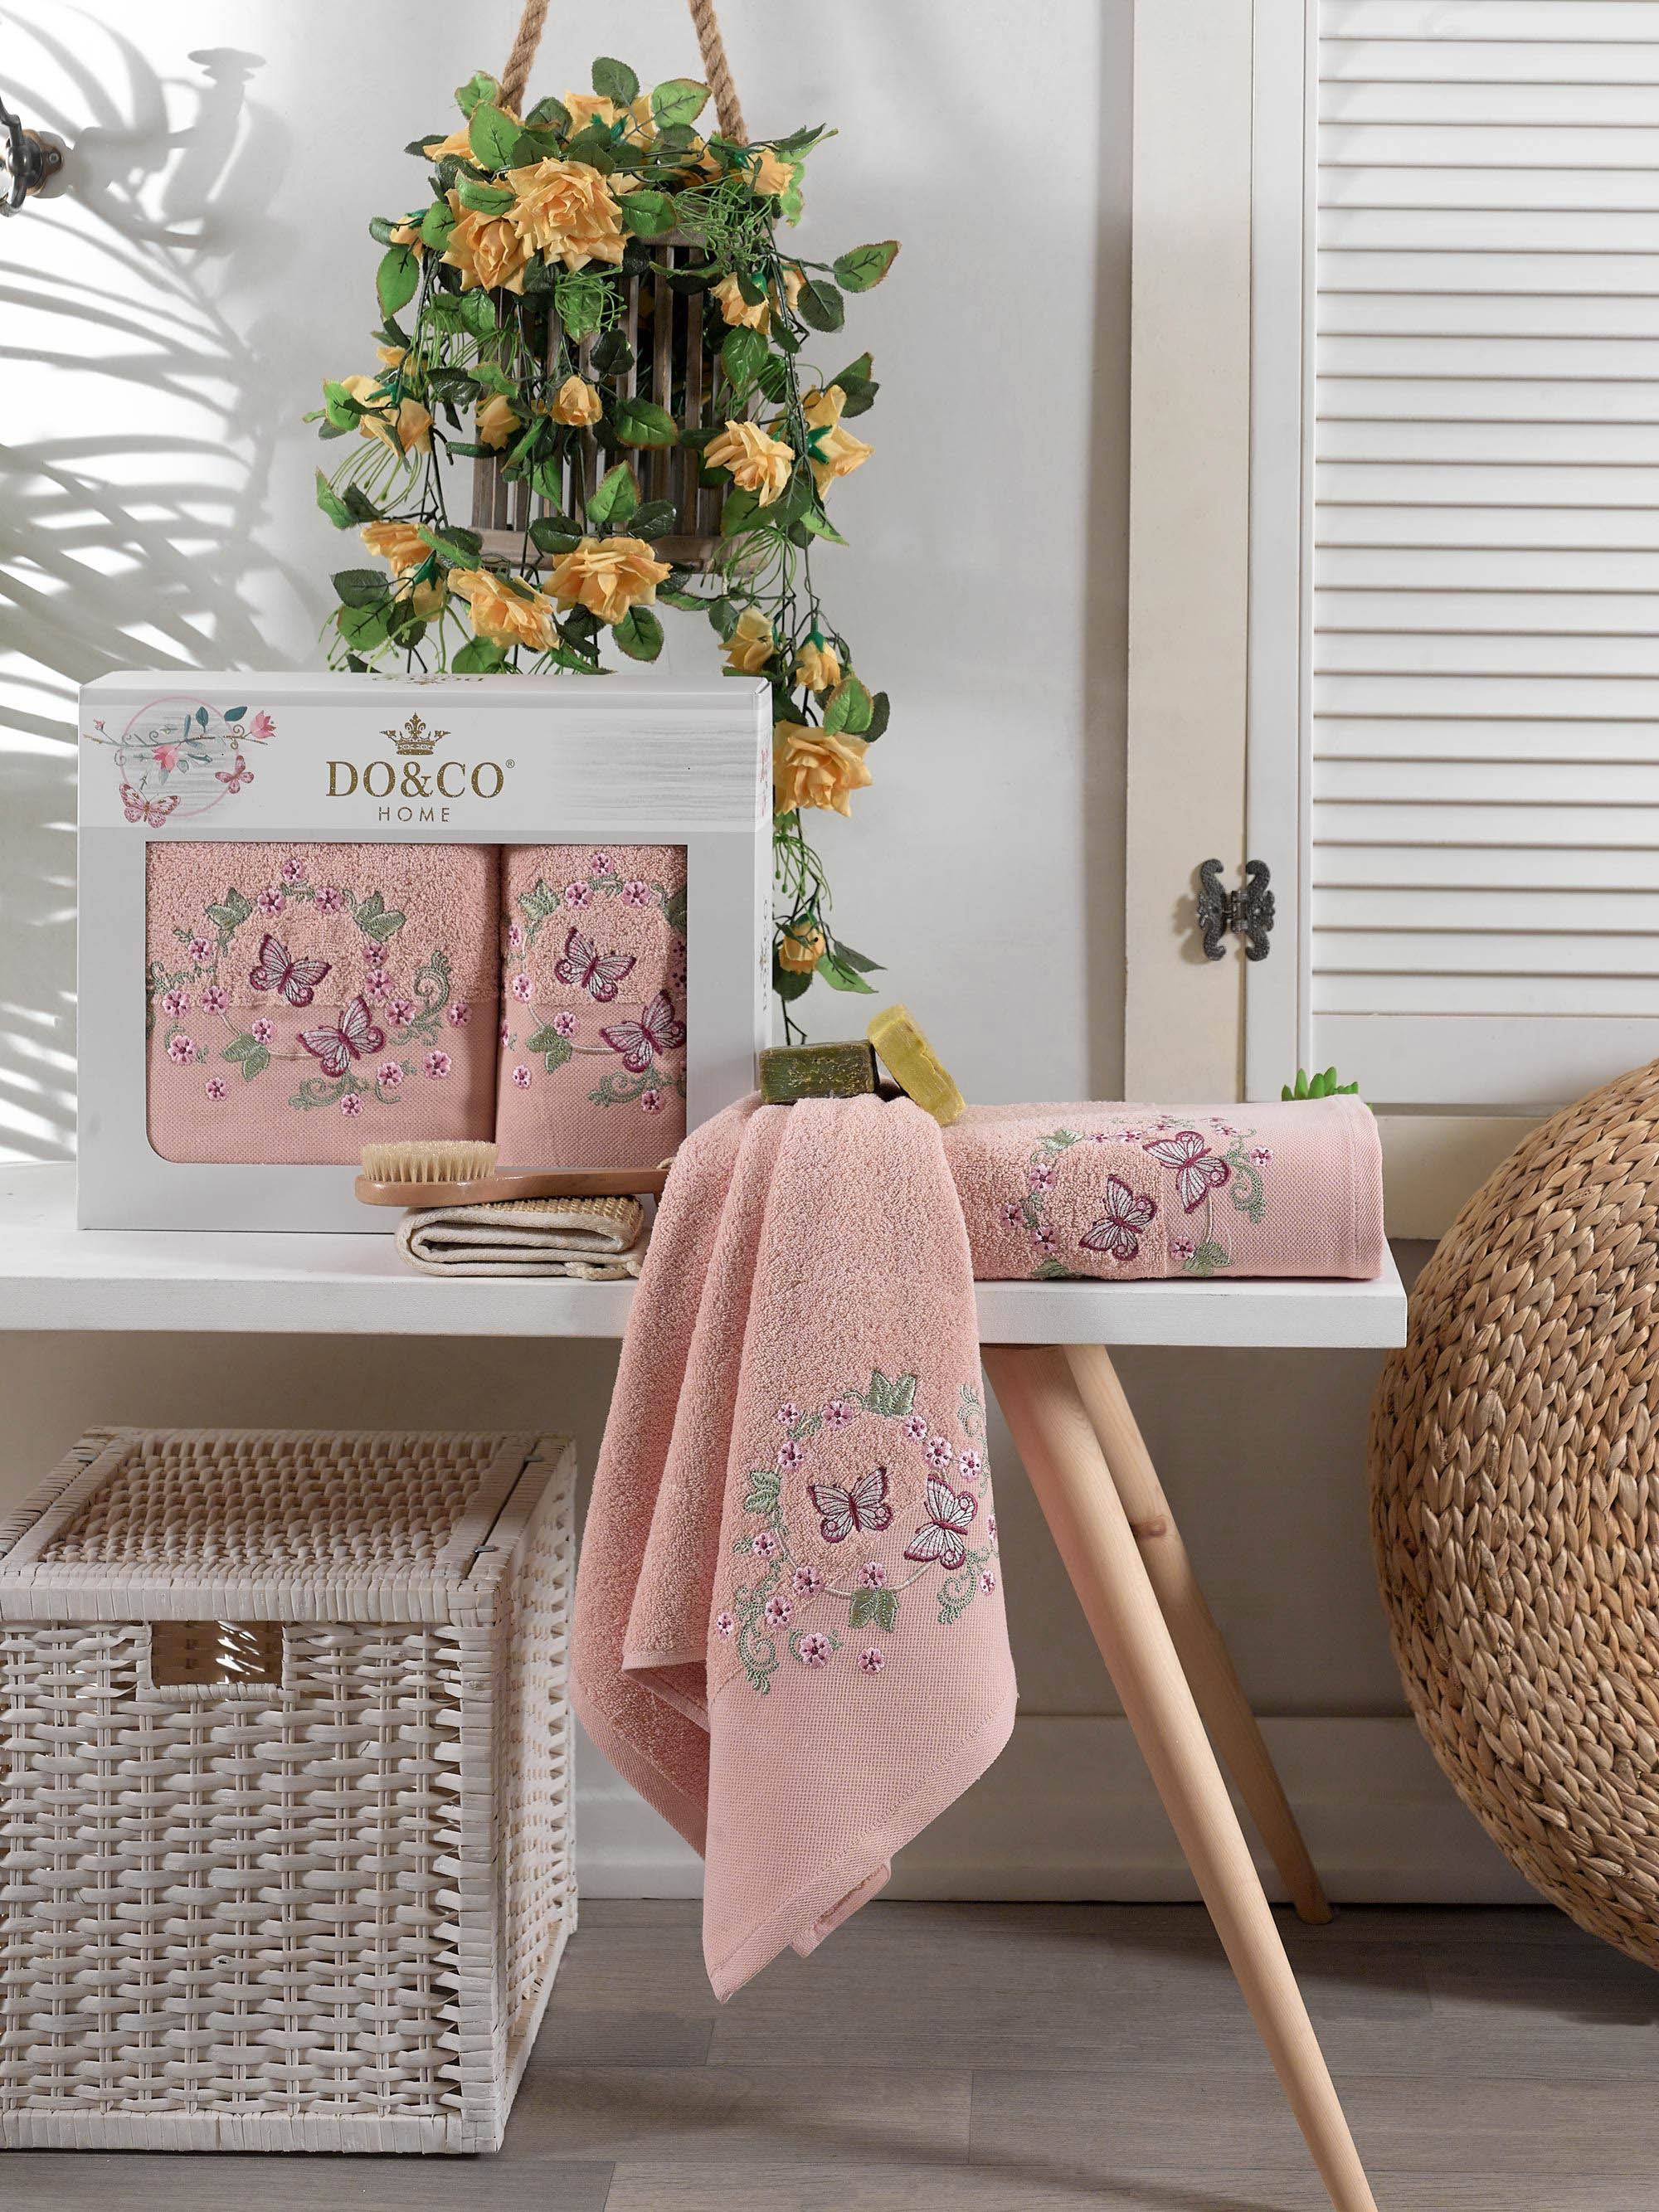 Купить Полотенца DO'n'CO, Полотенце Farfalla Цвет: Пудра (50х90 см, 70х140 см), Турция, Махра